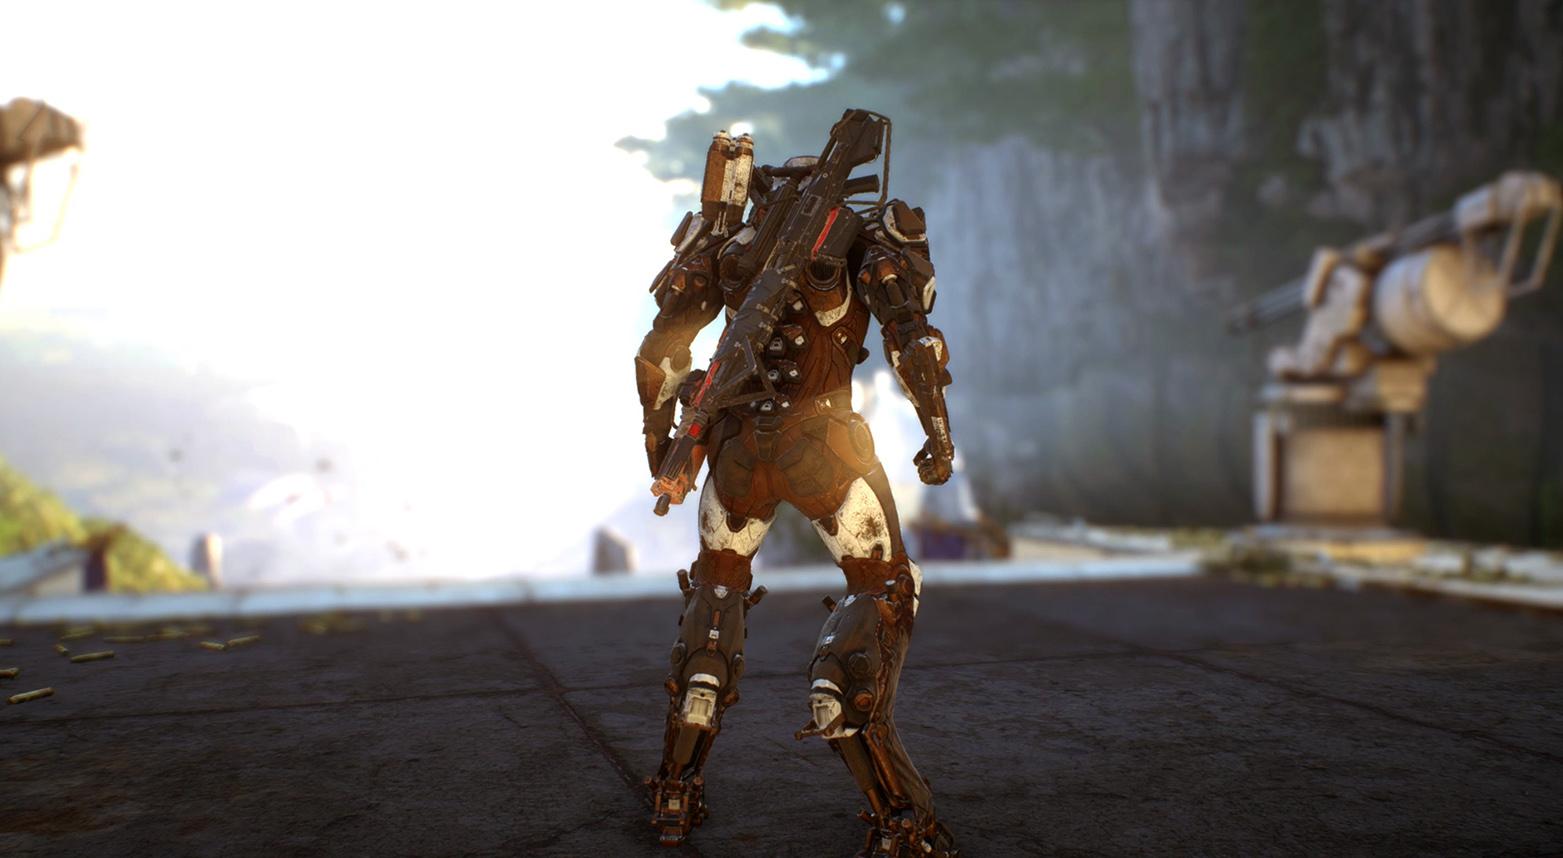 テレビゲーム「ANTHEM」のクエストが中断されてゲーム進行不可にあるアイキャッチ画像